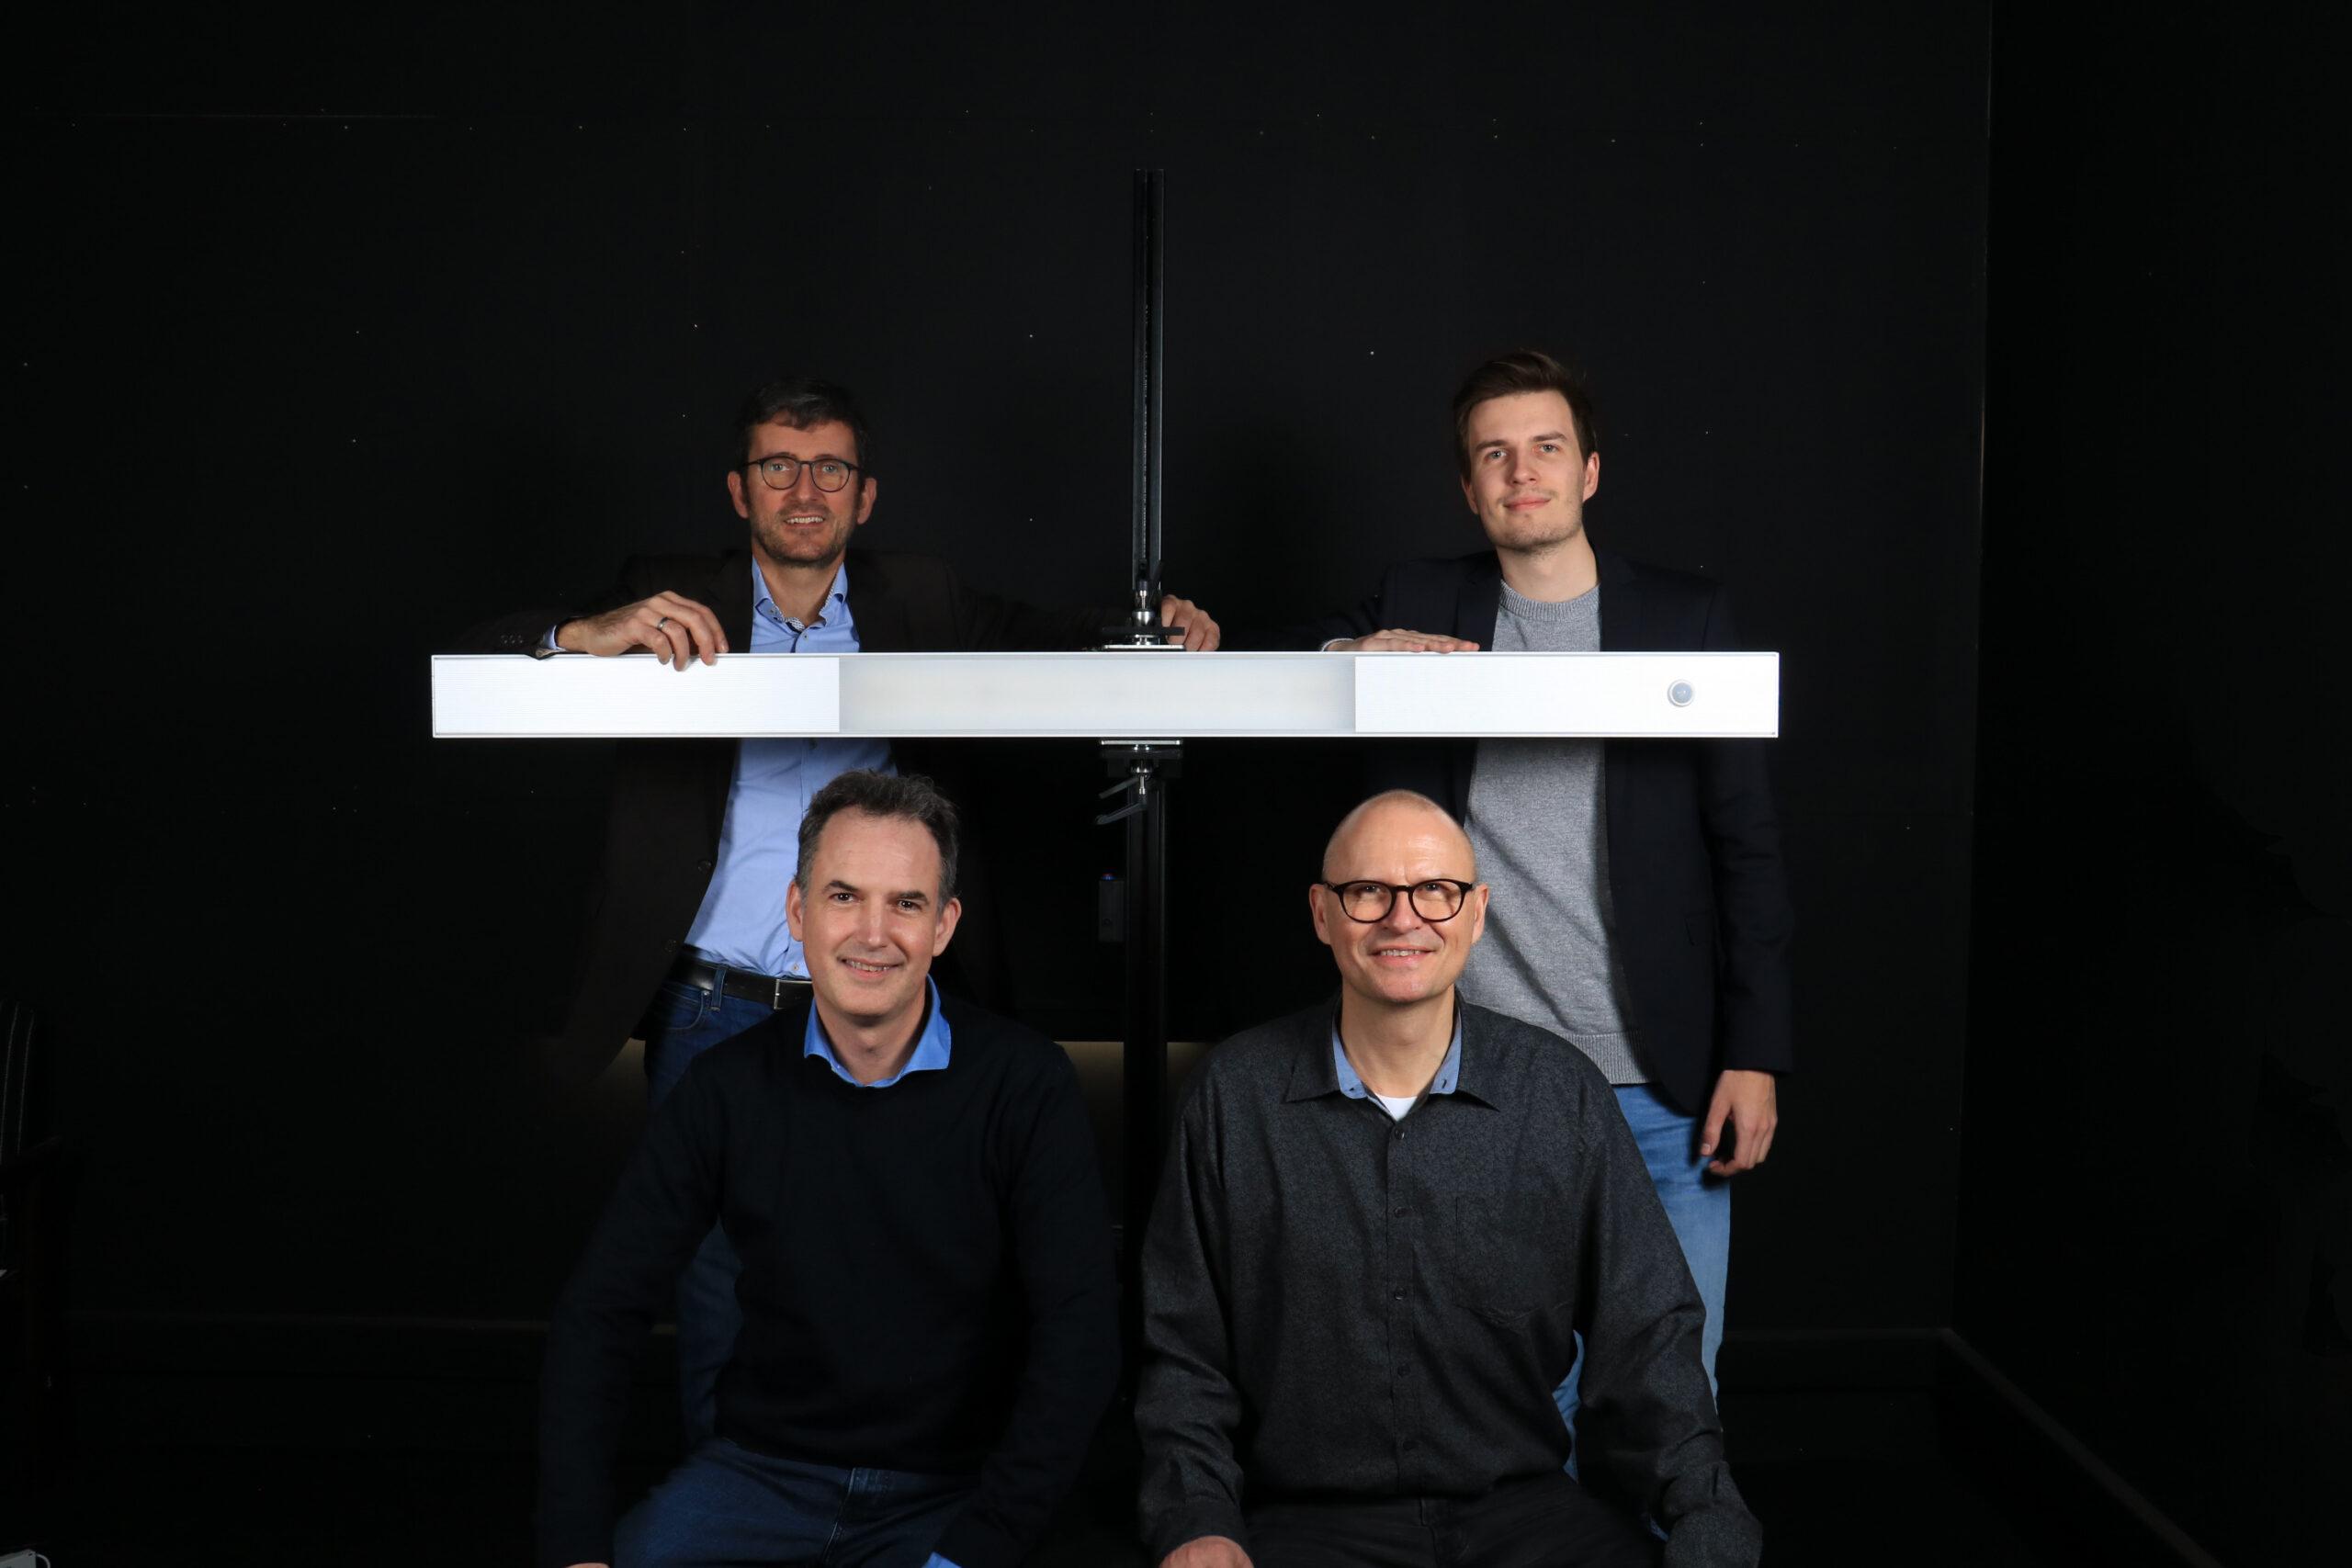 Teamtronic opkøber Open Light Danmark